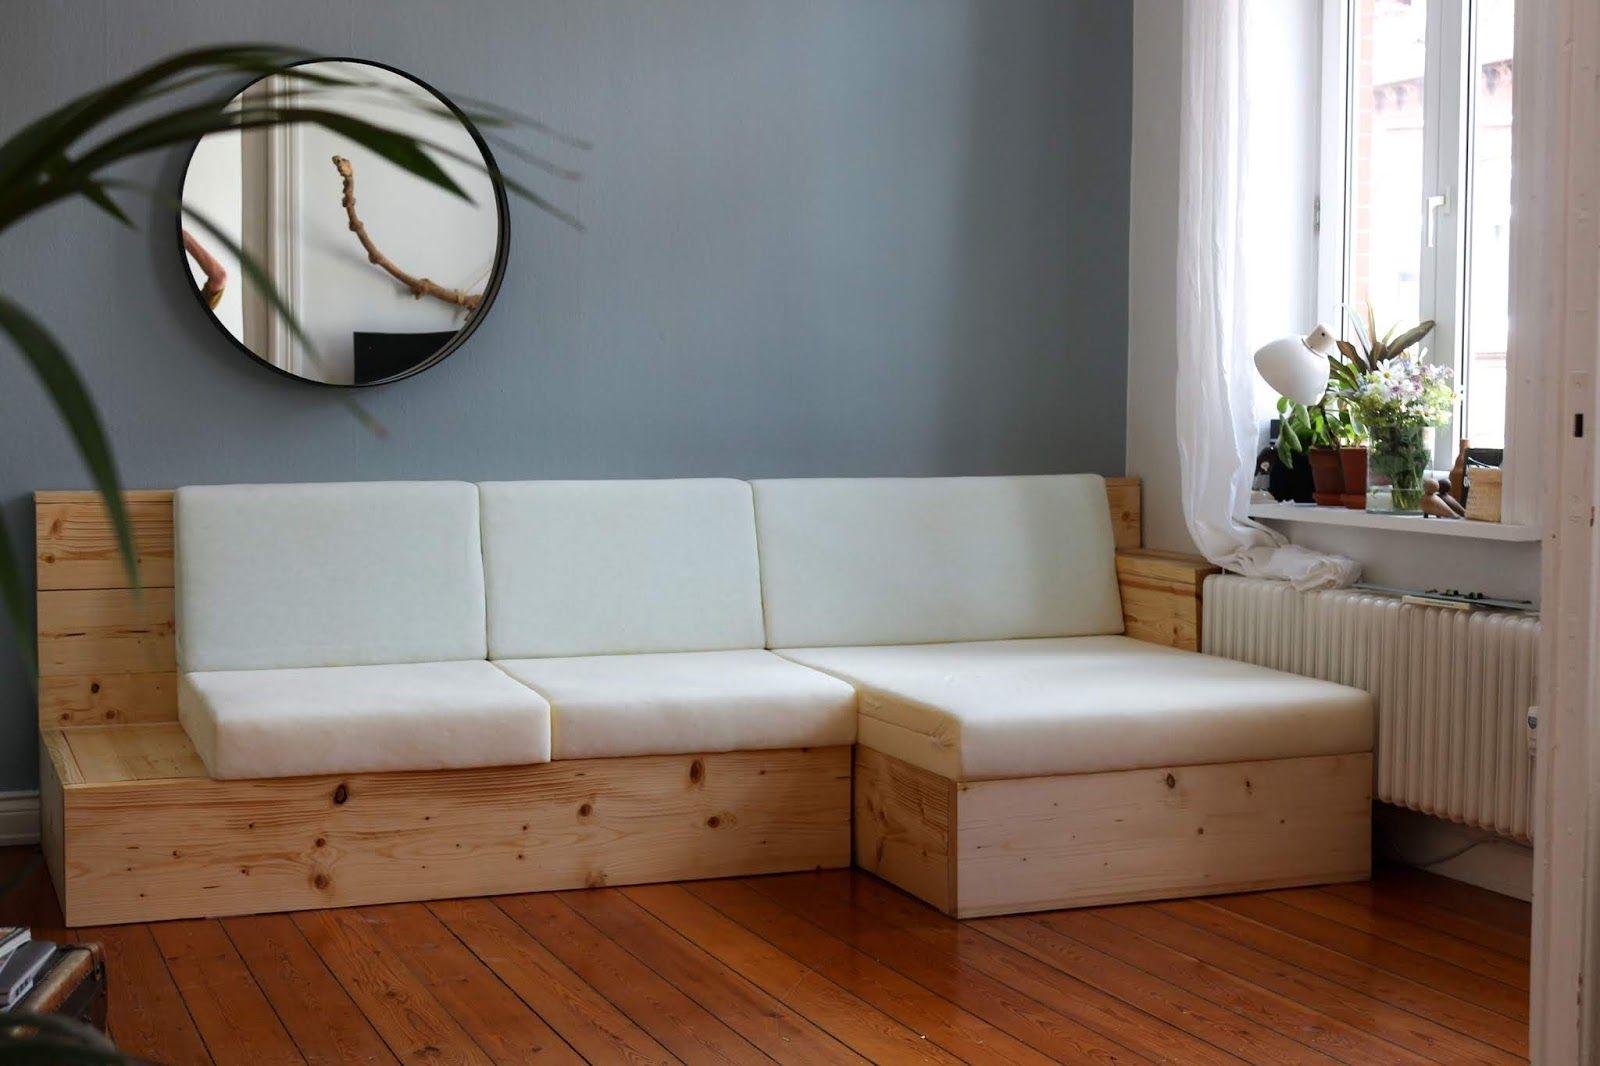 5 Tage Arbeit, ein Sofa. [Anzeige] | MINTUNDMEER | Couch